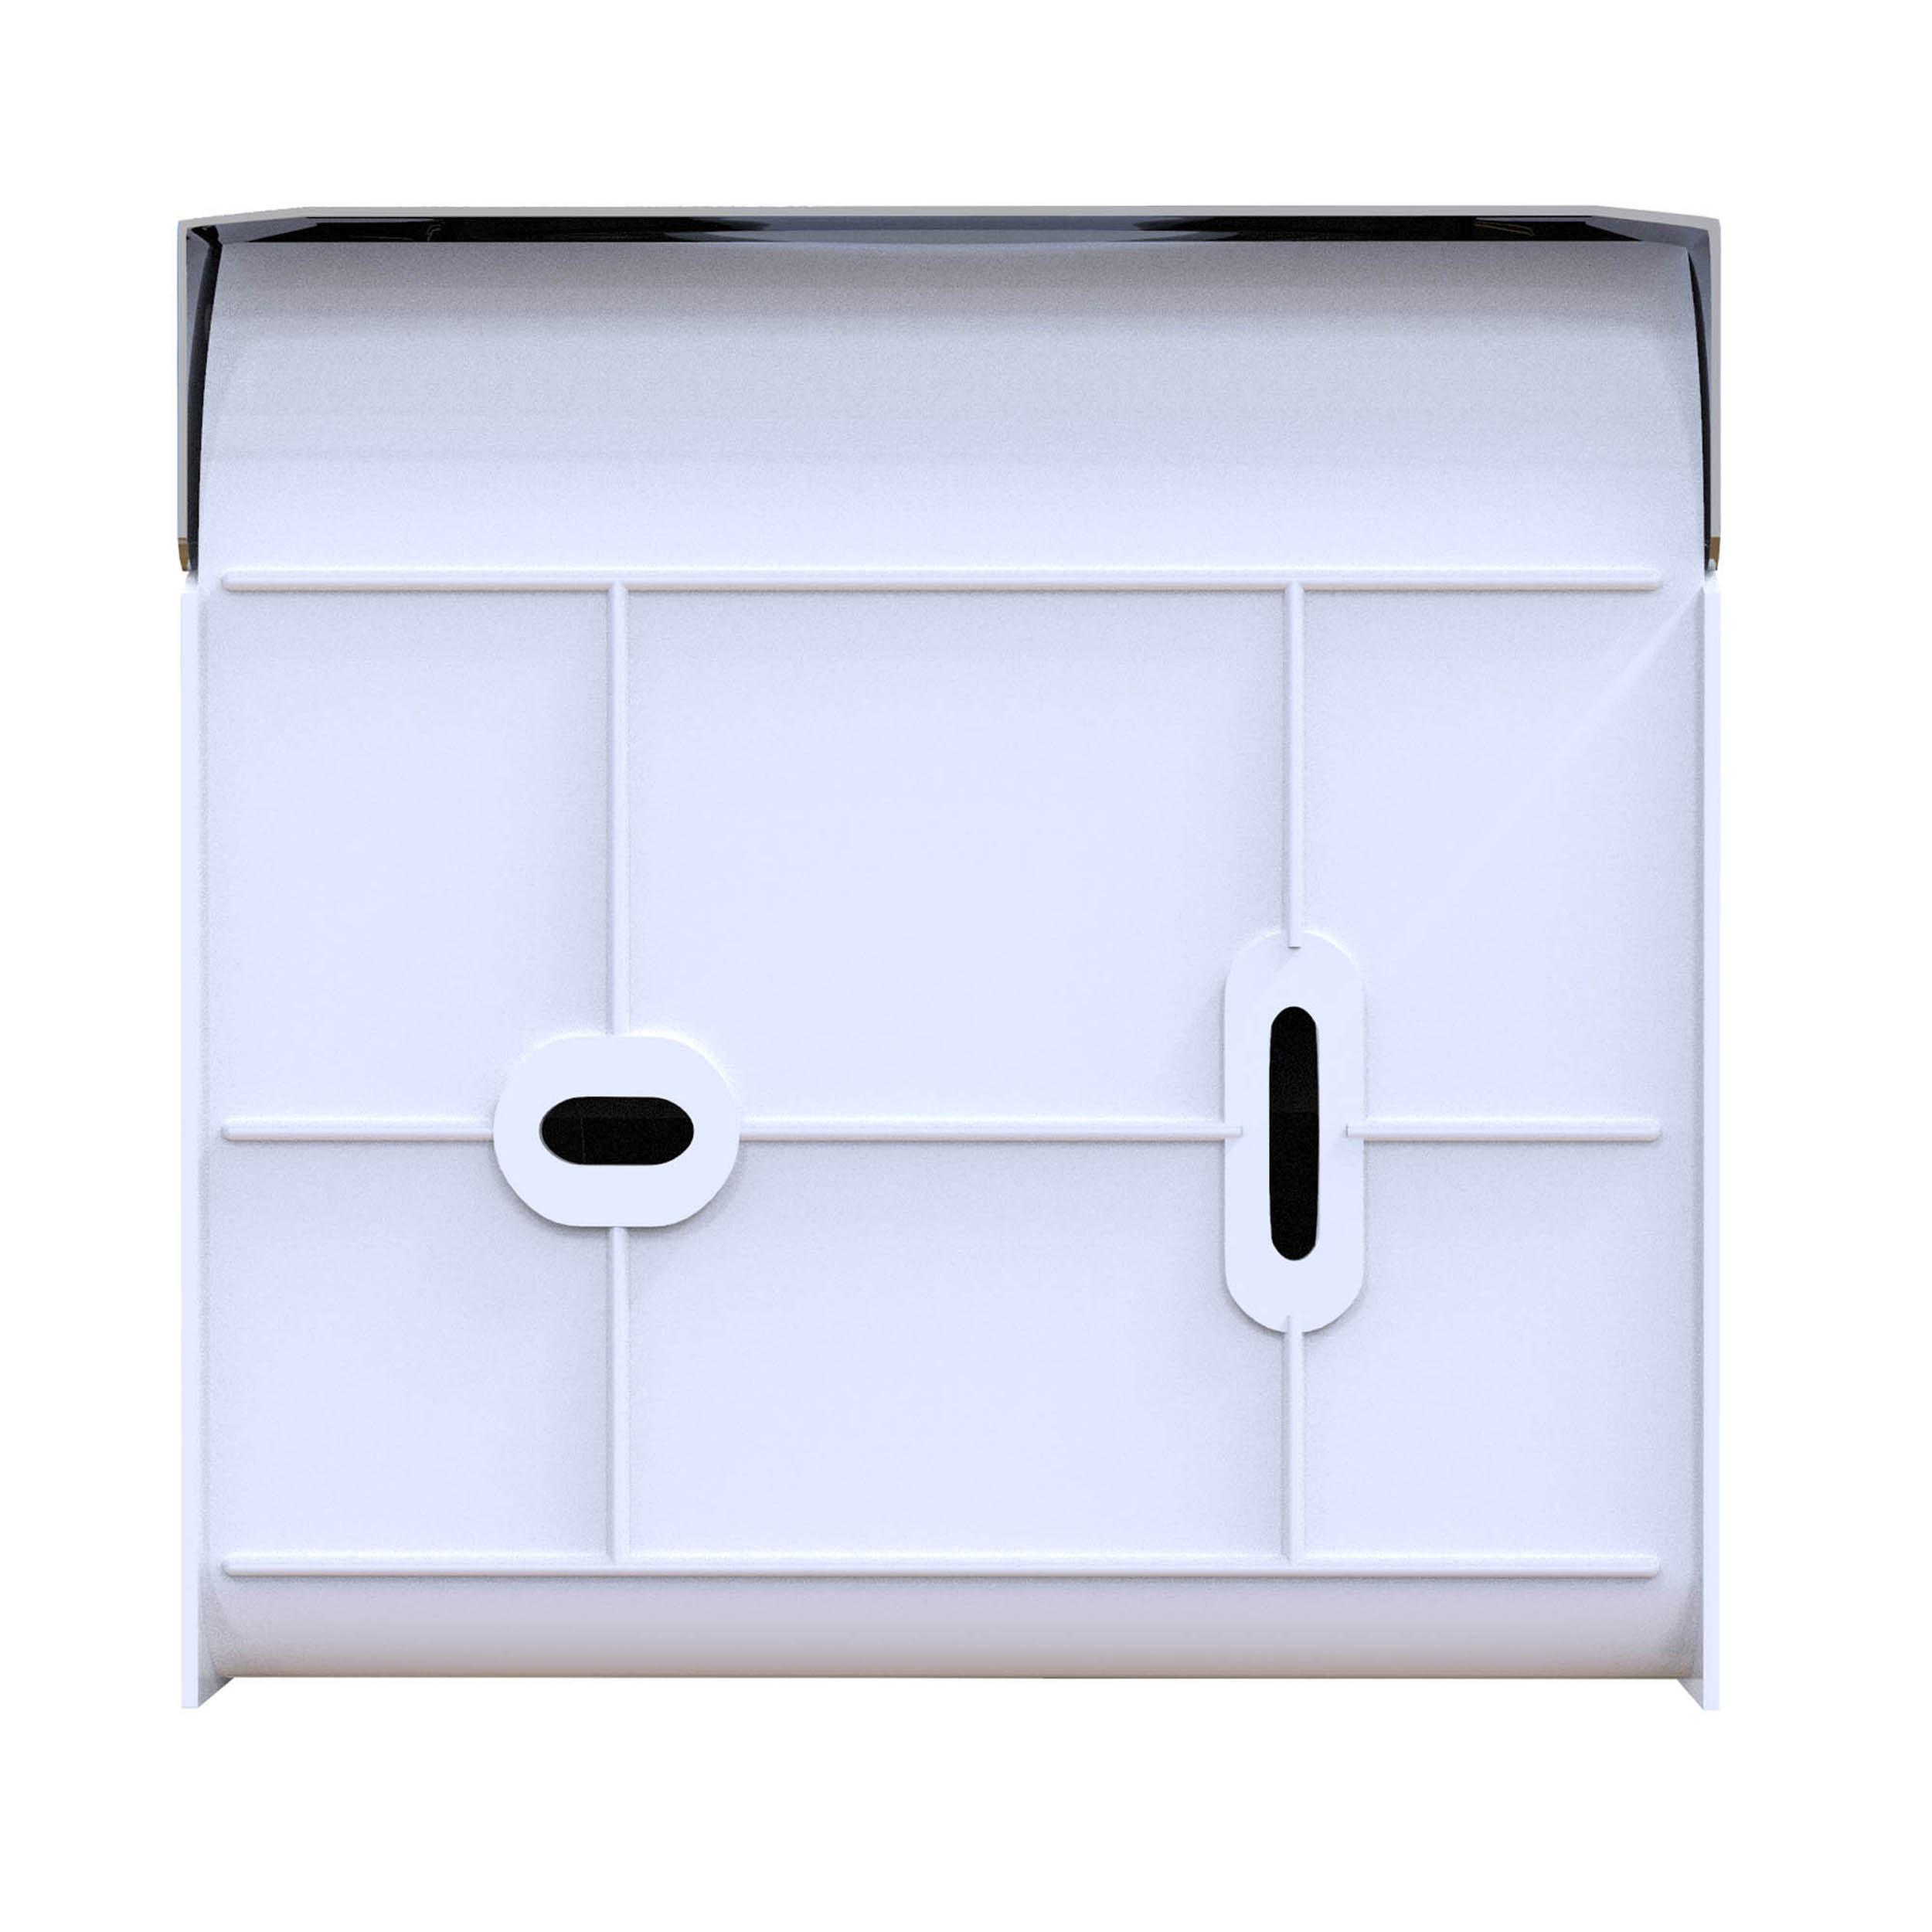 پایه رول دستمال کاغذی بنتی کد 1515 main 1 5